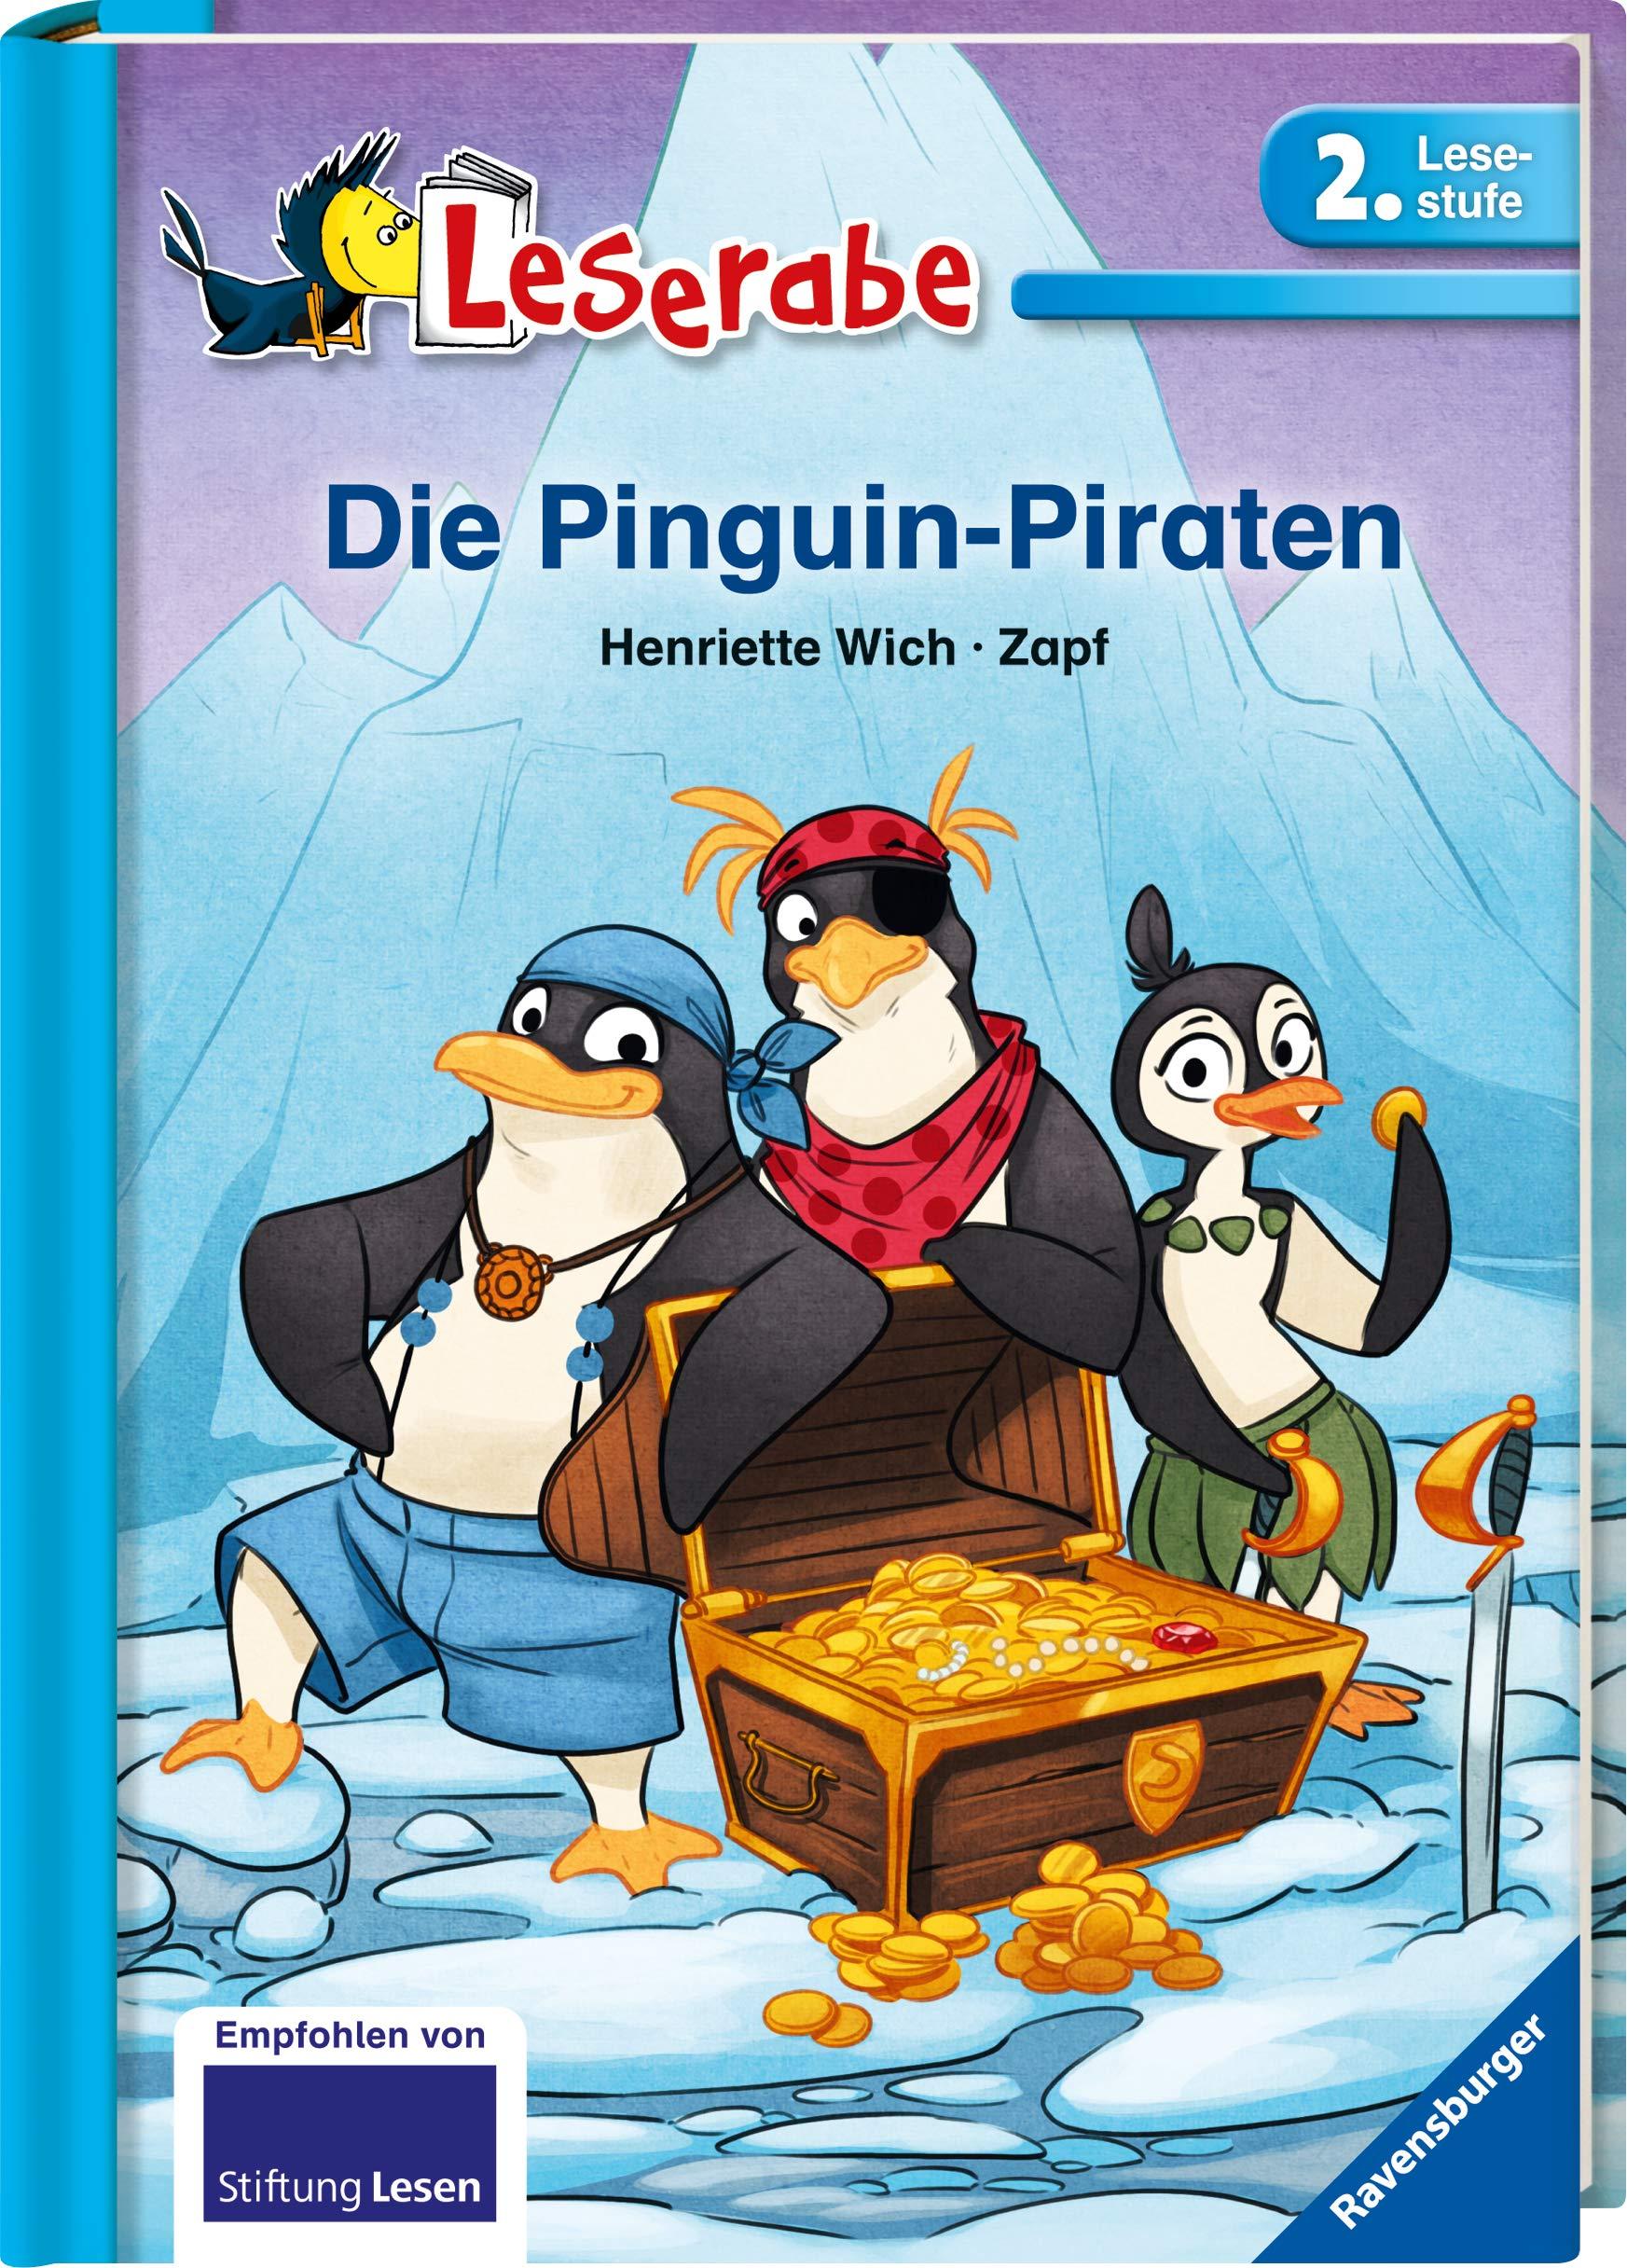 Die Pinguin Piraten Leserabe 2 Klasse Erstlesebuch Fur Kinder Ab 7 Jahren 2 Lesestufe Leserabe 2 Lesestufe Amazon De Wich Henriette Zapf Bucher